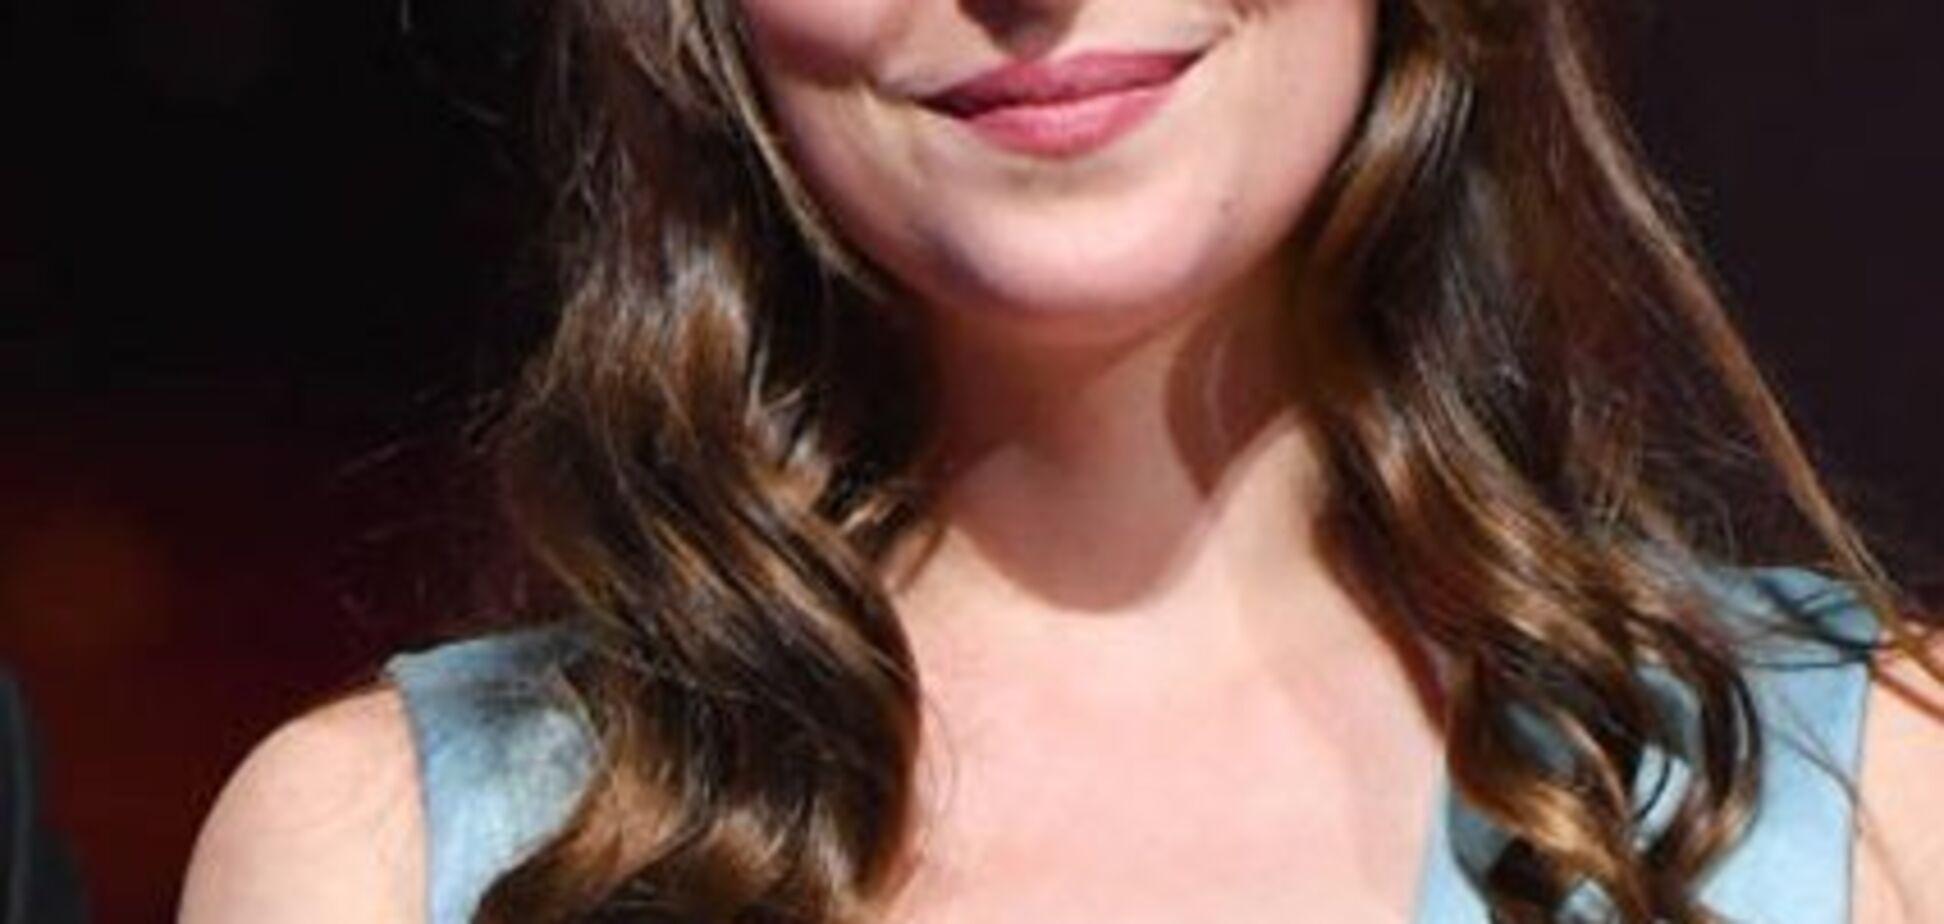 Звезда ''50 оттенков серого'' вышла на публику с голой грудью: фото